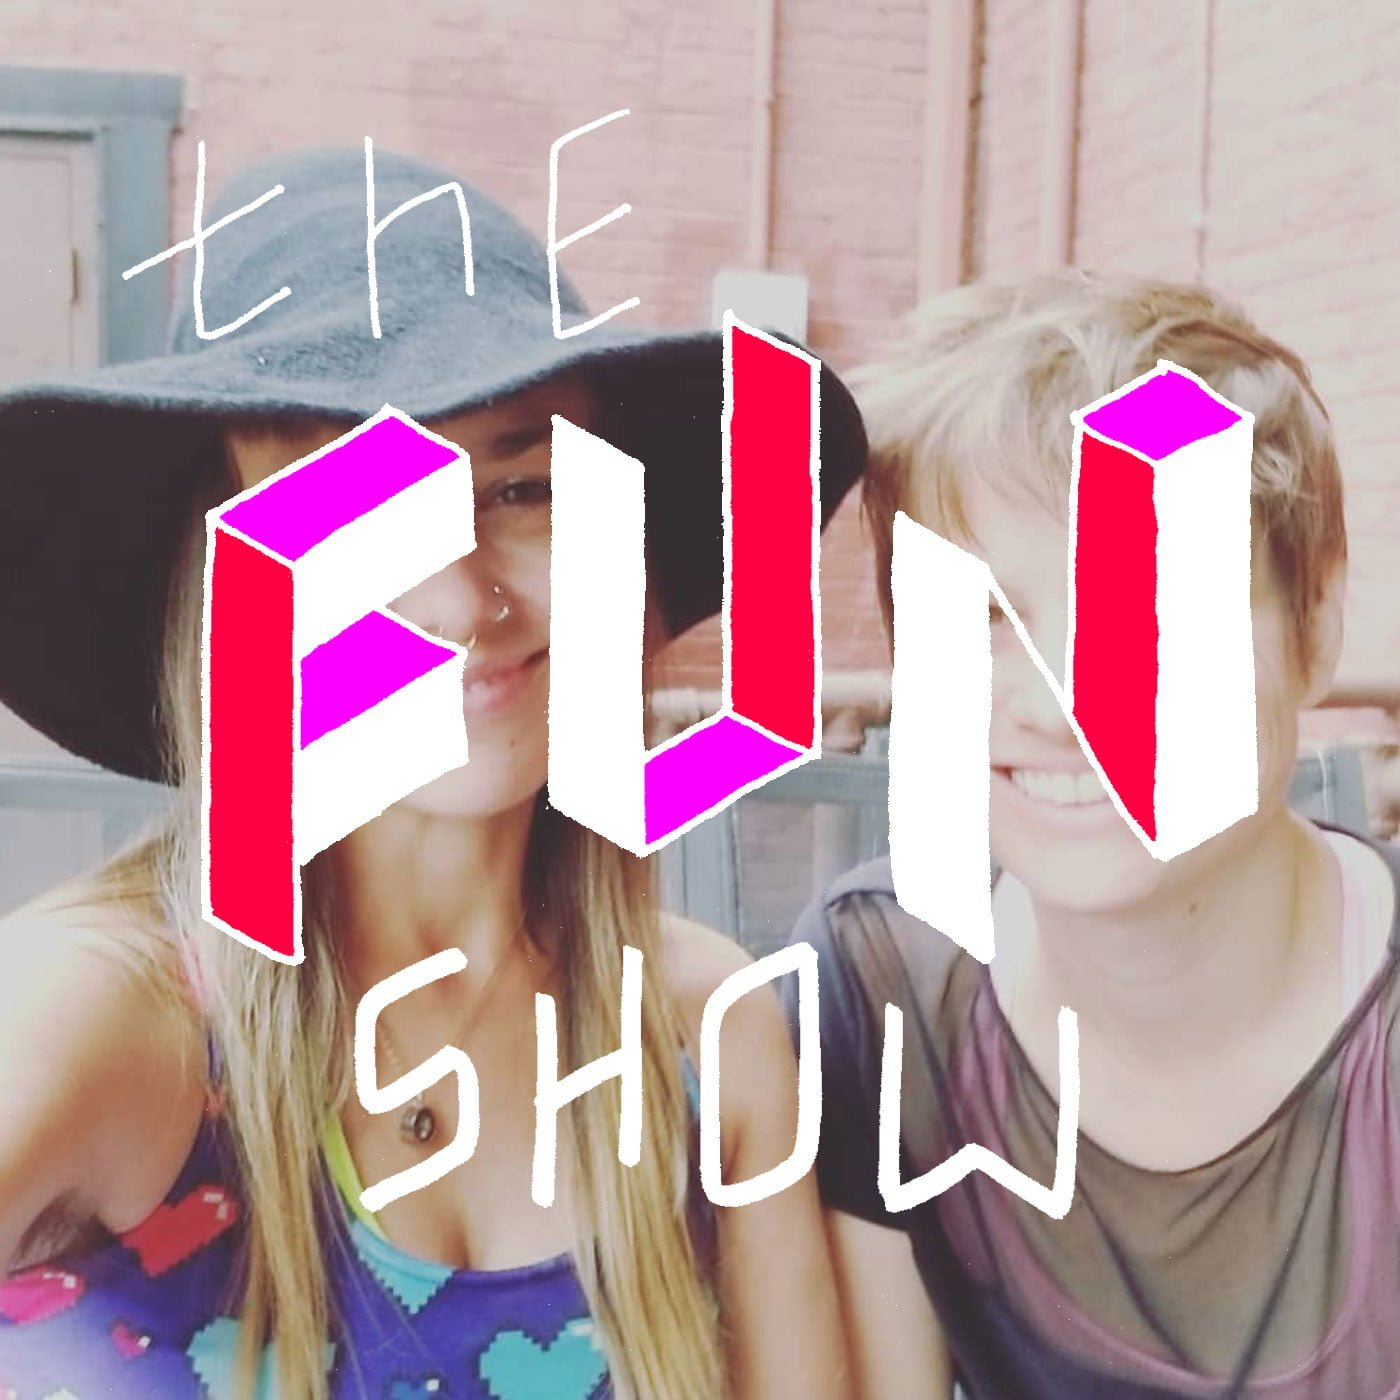 The Fun Show: S2E4